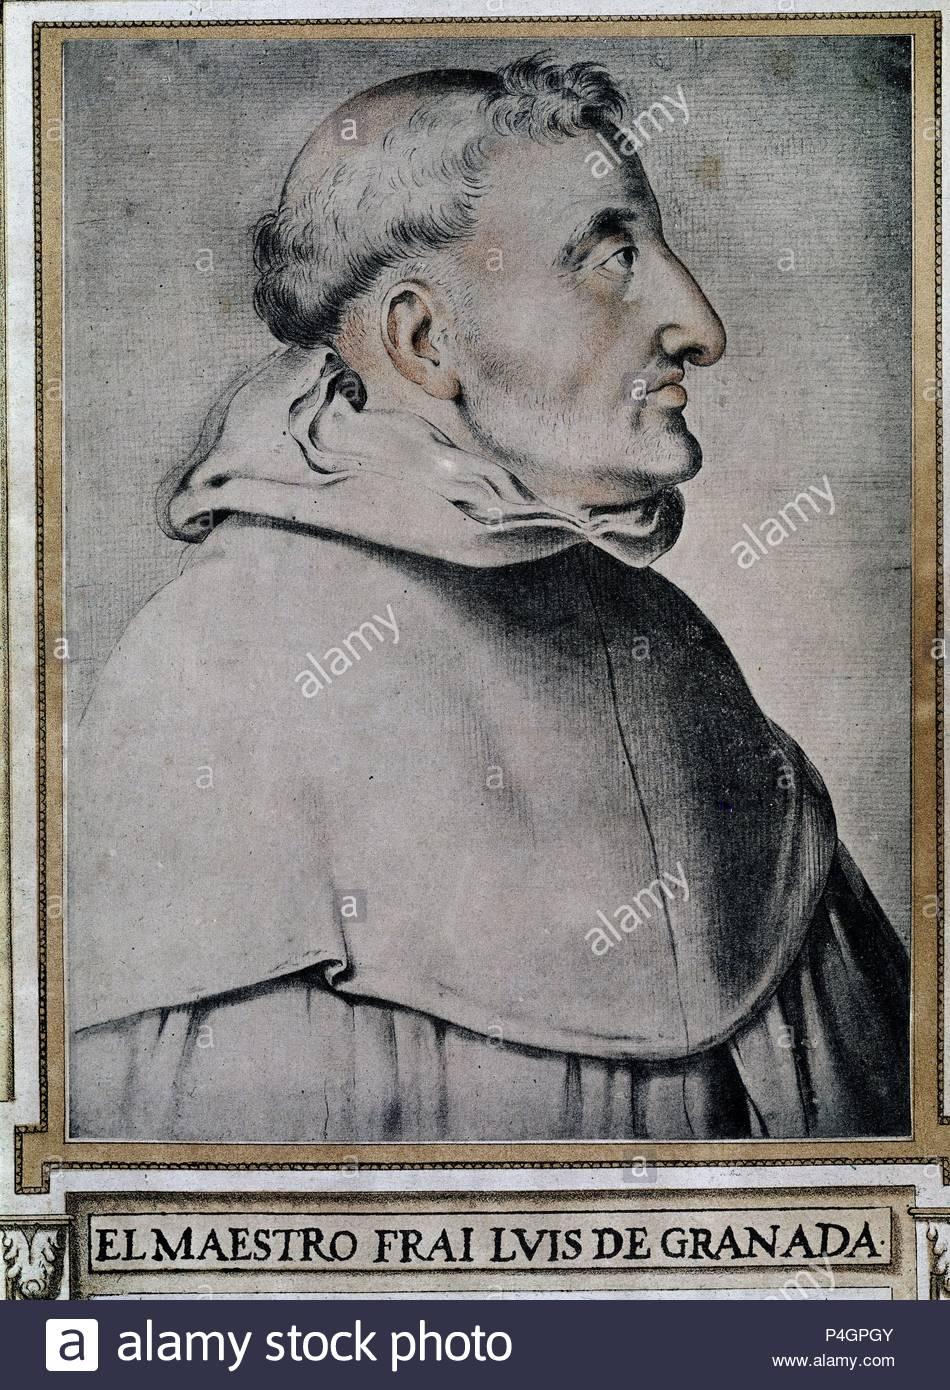 LIBRO HOMBRES ILUSTRES - FRAY LUIS DE GRANADA-1504/88-ESCRITOR ASCETICO. Author: Francisco Pacheco (1564-1644). Location: BIBLIOTECA COLOMBINA, SEVILLA, SEVILLE, SPAIN. - Stock Image